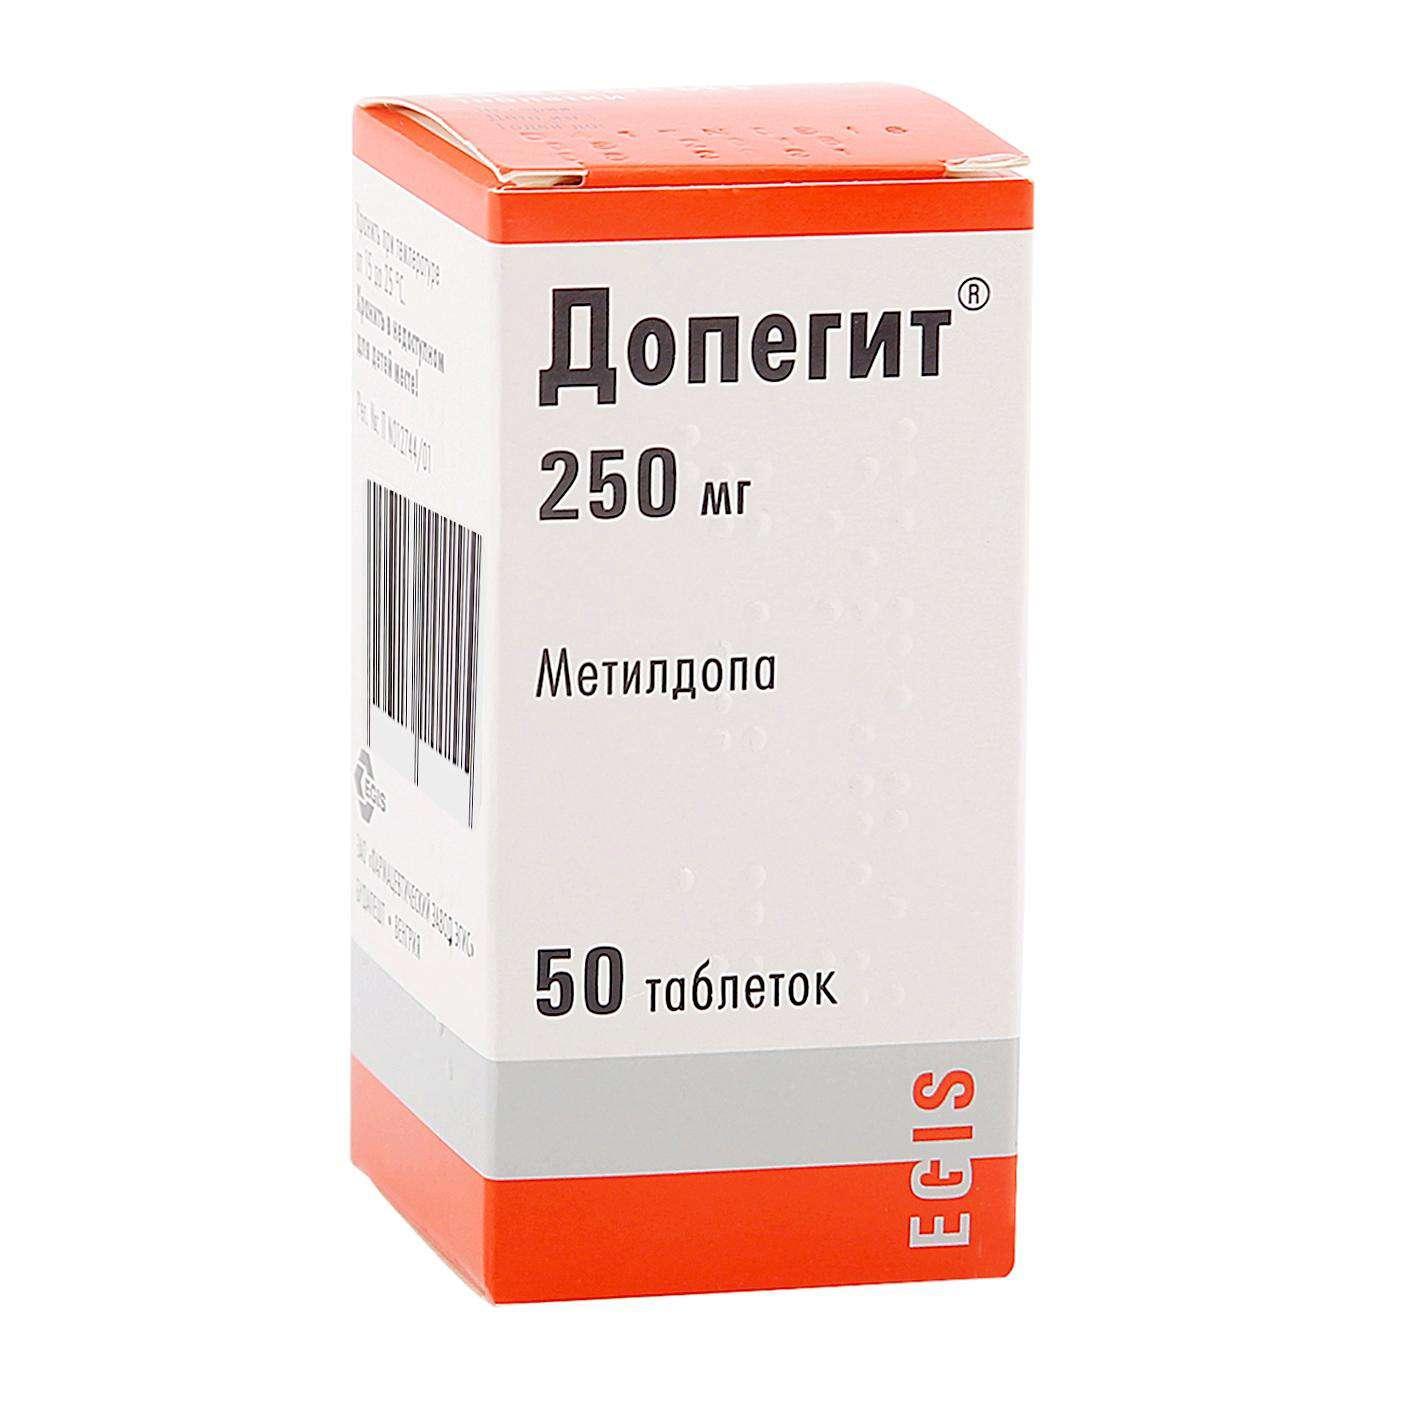 Допегит, таблетки 250 мг, 50 шт. - купить, цена и отзывы ...